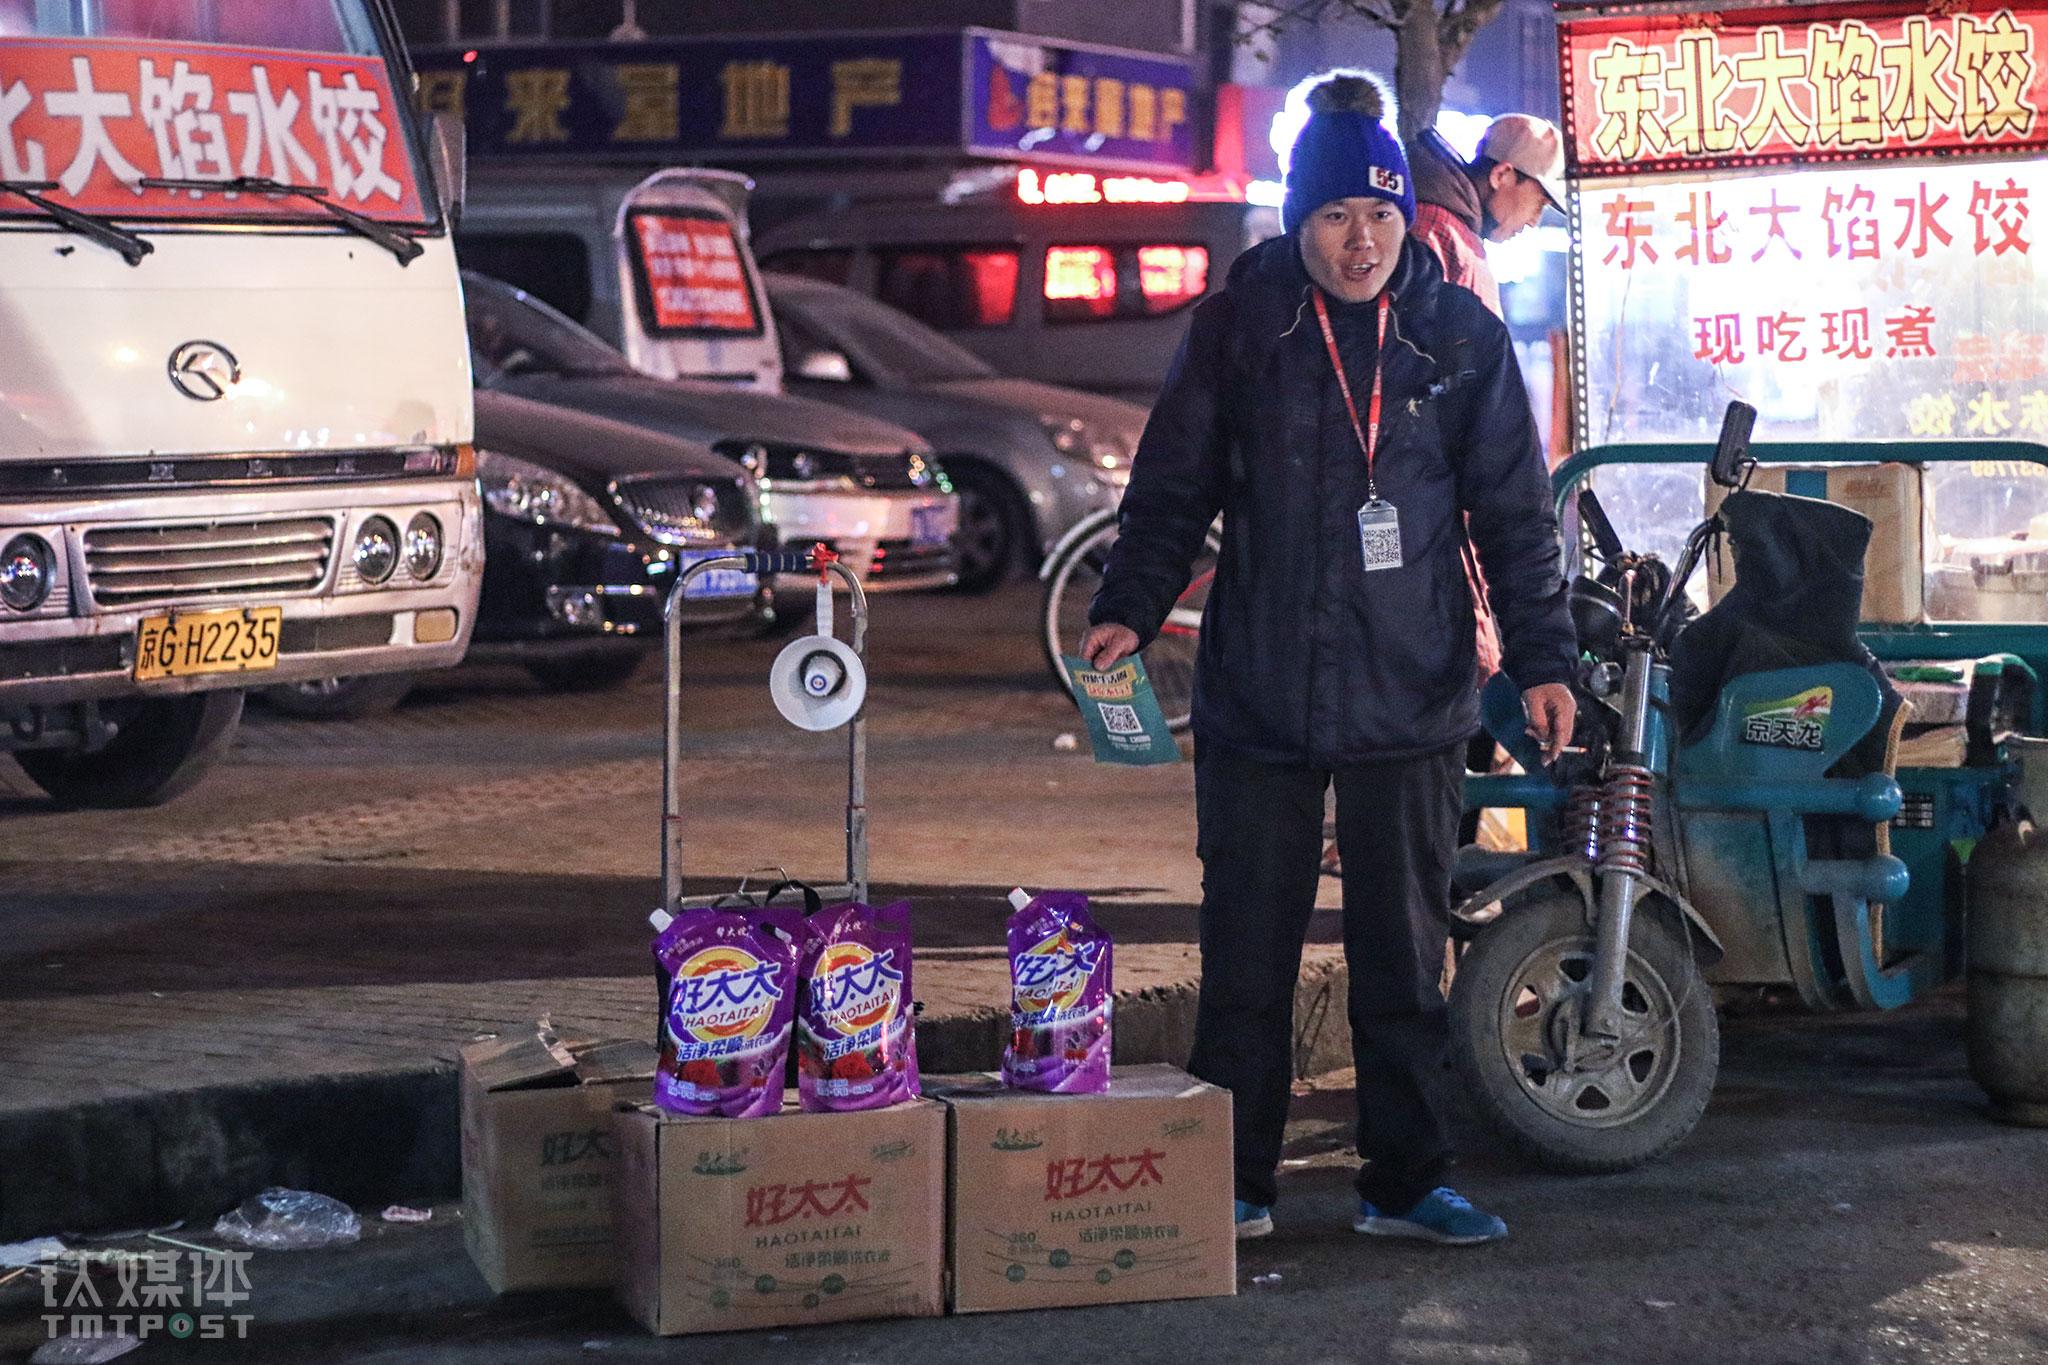 2015年11月18日,北京街头,闫军祥在做地推,他身旁摆放着地推礼品。彼时O2O大潮正逐渐退去,礼品比拼的背后,地推获取的用户,转化率连5%都达不到。晚上气温很低,闫军祥在下班的人潮中站了4个小时,挣了80块钱。(一名职业地推的自白)